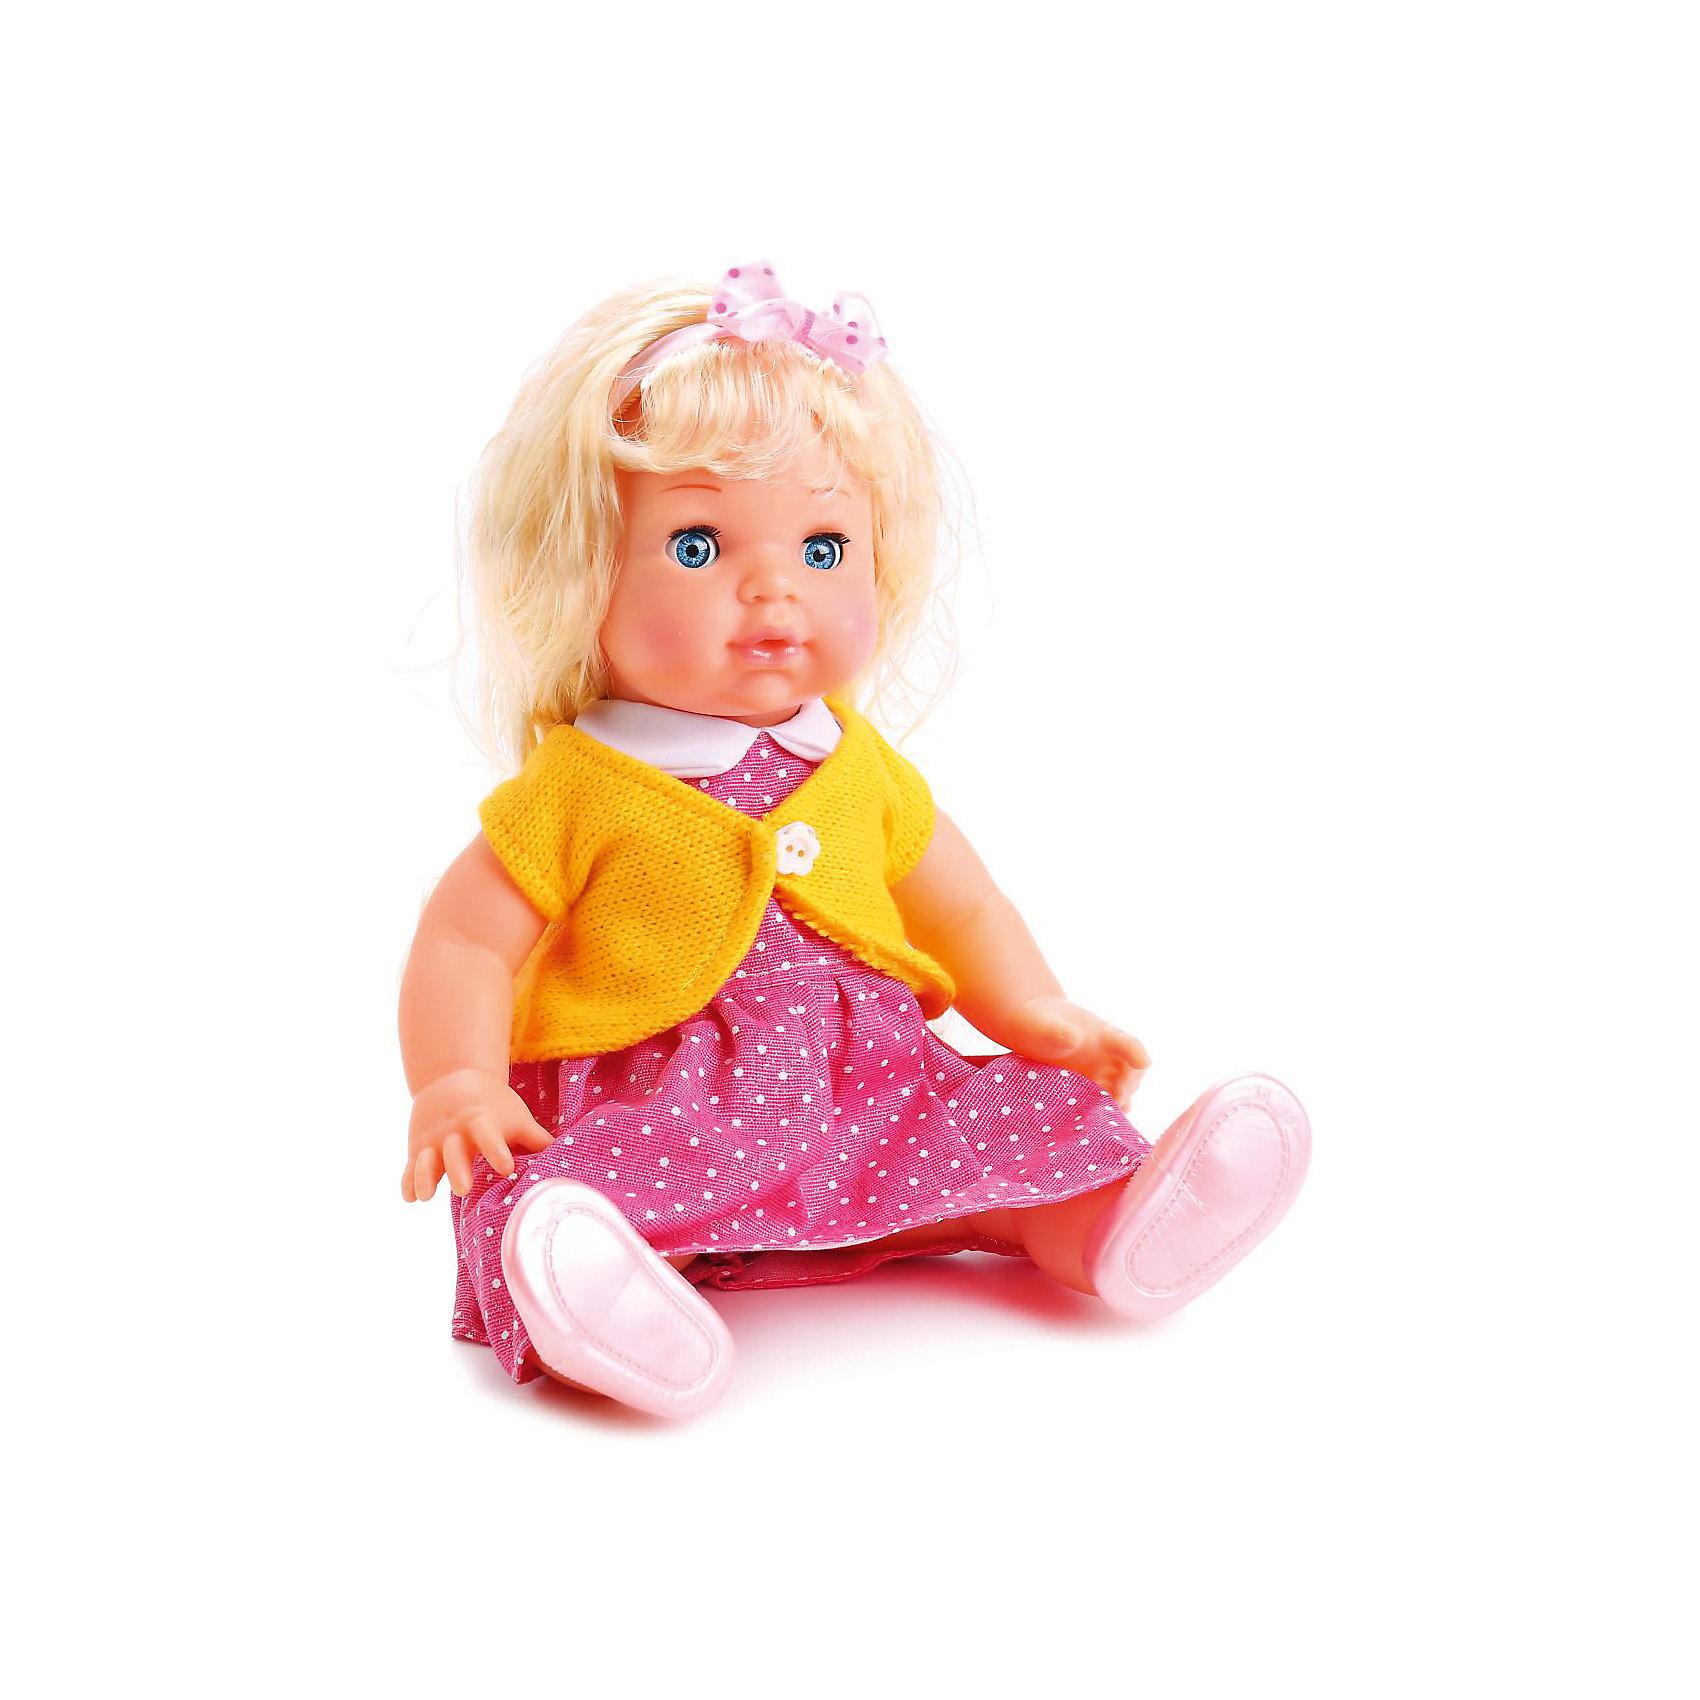 Кукла Карапуз Полина, озвученная с аксессуарами, 35 смКлассические куклы<br>Кукла Полина высотой 35 см представляет собой реалистично выполненную маленькую девочку с длинными светлыми волосами, одетую в оригинальный наряд. Ей можно менять прическу и расчёсывать волосы с помощью расчёчки, которая входит в комплект. Также в подарок к кукле идёт кулон, который сможет носить будущая хозяйка игрушки. Полина закрывает глазки, если ее баюкать, укладывая спать, а также умеет разговаривать - кукла декламирует стих и поет песенку авторства Агнии Барто. Рекомендованно детям от 3-х лет.<br><br>Ширина мм: 360<br>Глубина мм: 100<br>Высота мм: 200<br>Вес г: 700<br>Возраст от месяцев: 36<br>Возраст до месяцев: 60<br>Пол: Женский<br>Возраст: Детский<br>SKU: 7014444